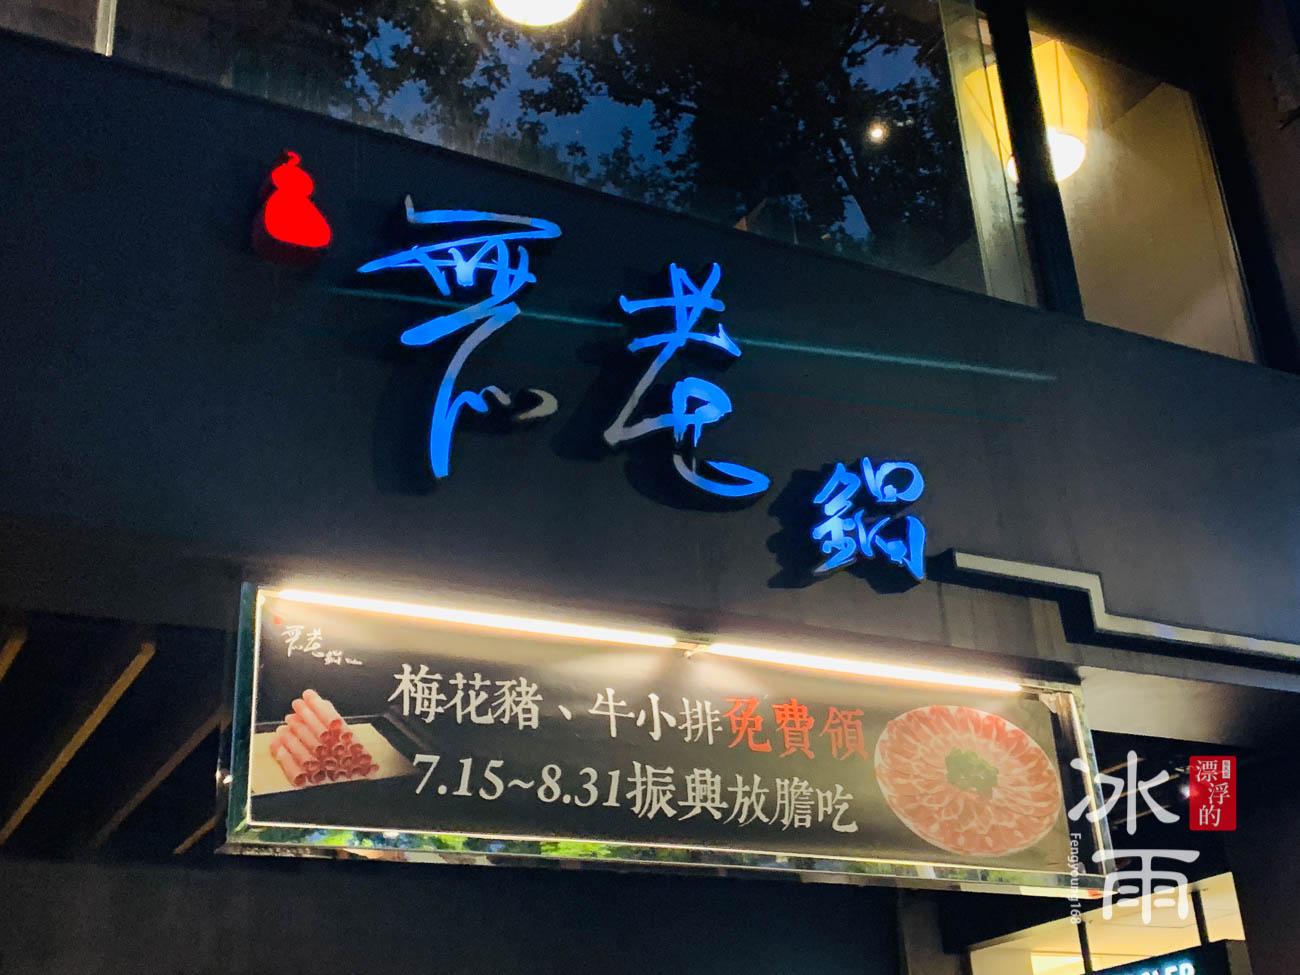 無老鍋|台北中山店|八月底前的活動